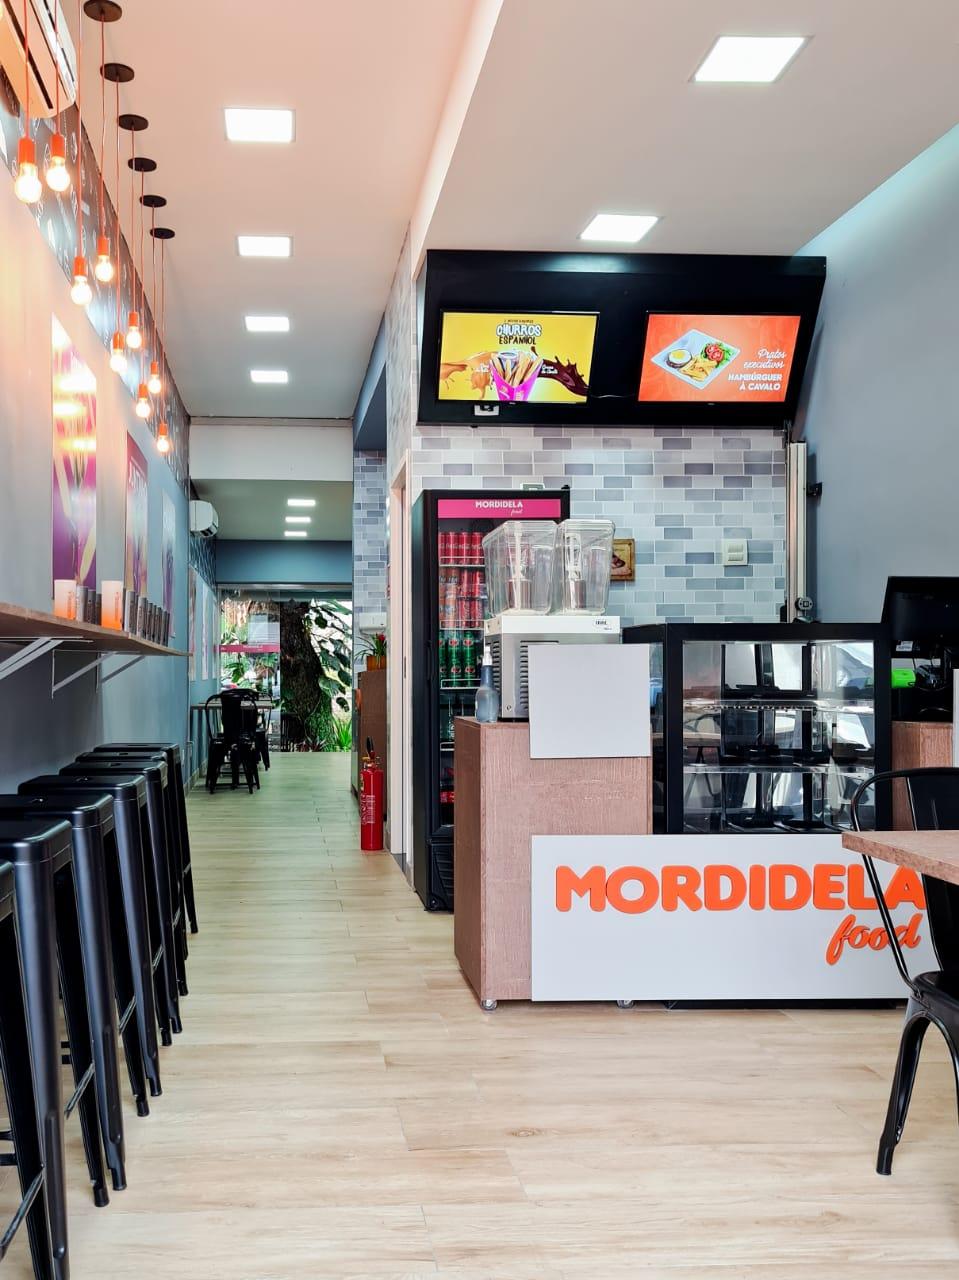 mordidela02